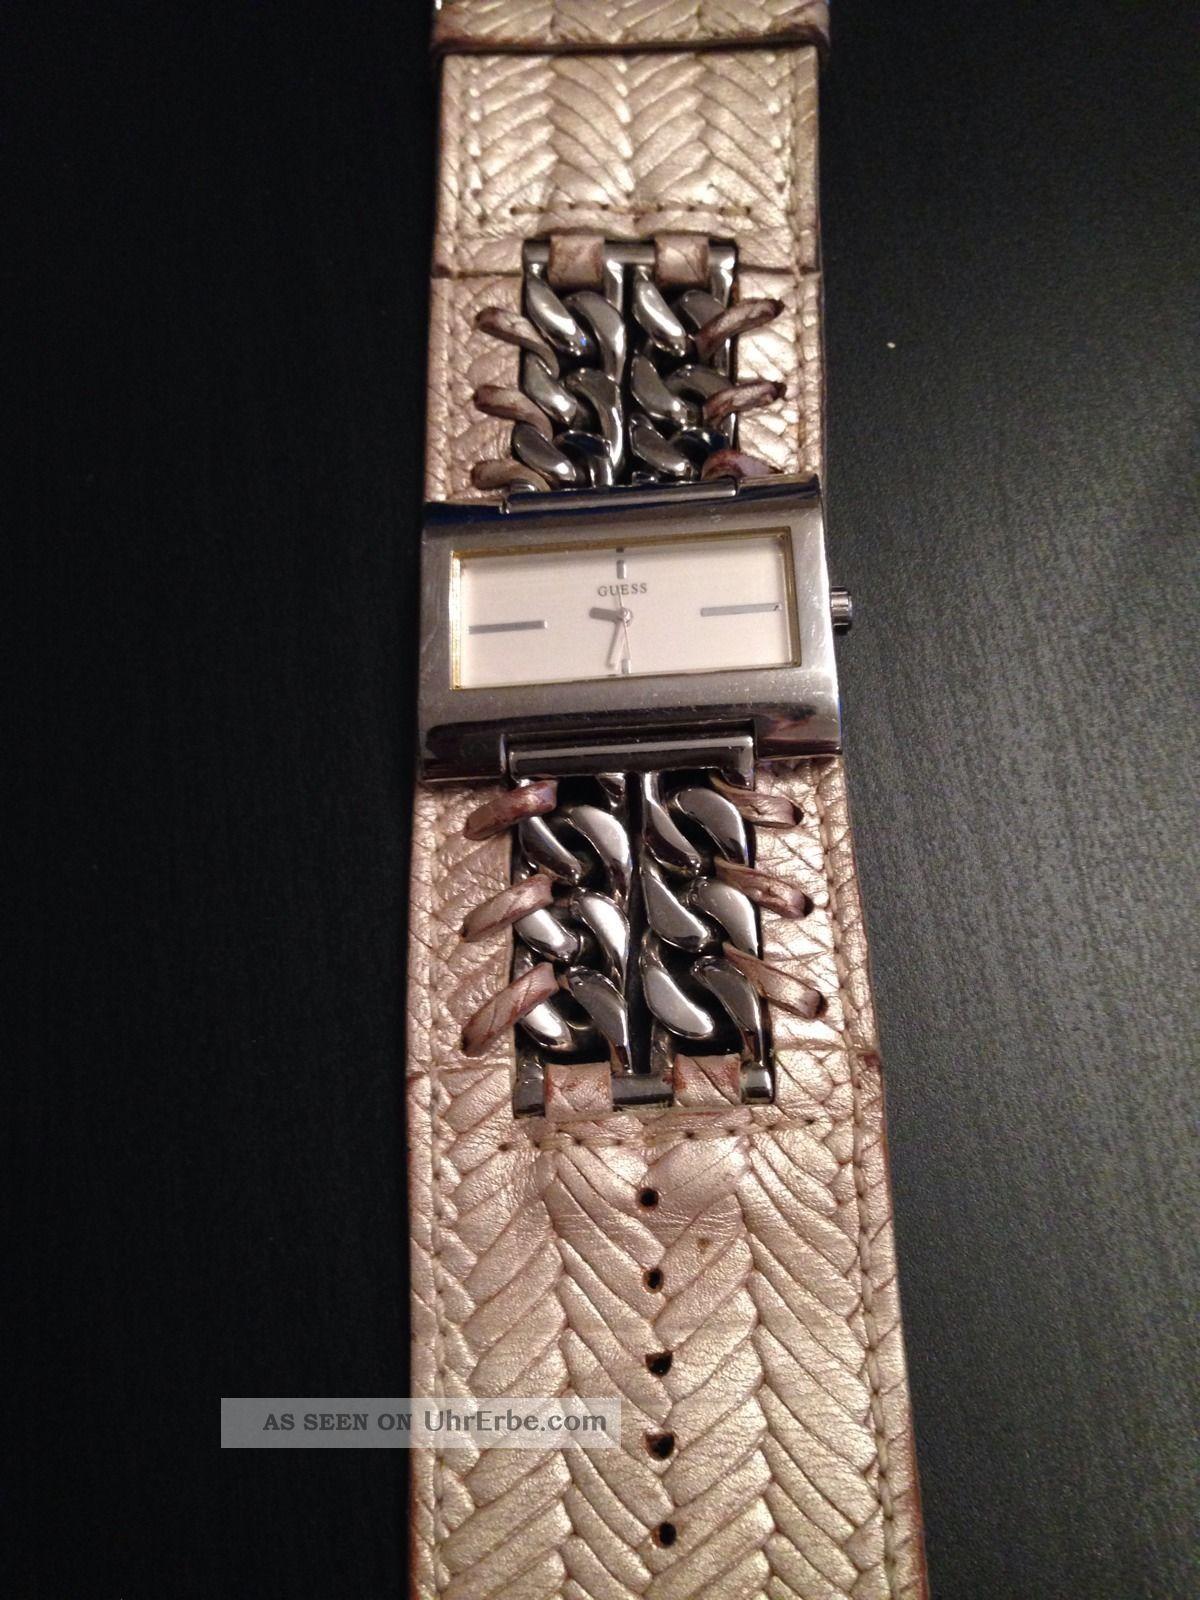 Guess Uhr Echtleder Kette Silber Beige Armbanduhren Bild